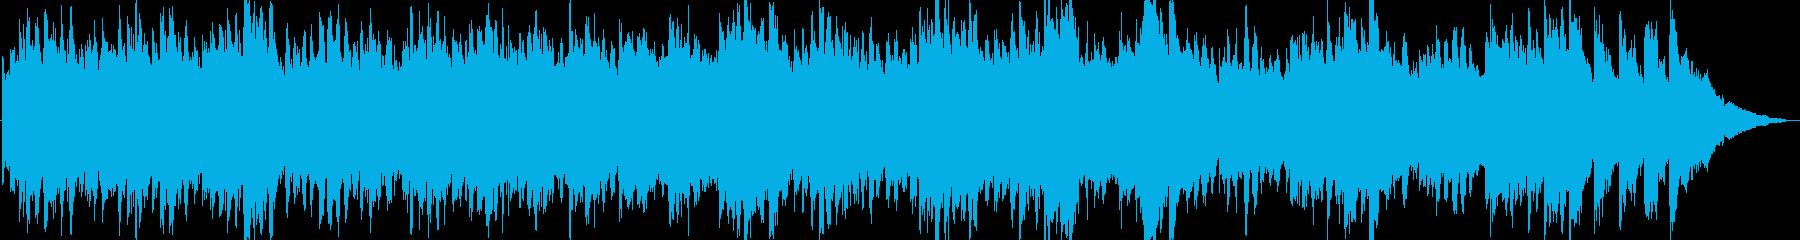 ソル作曲のEstudio作品31の3ですの再生済みの波形